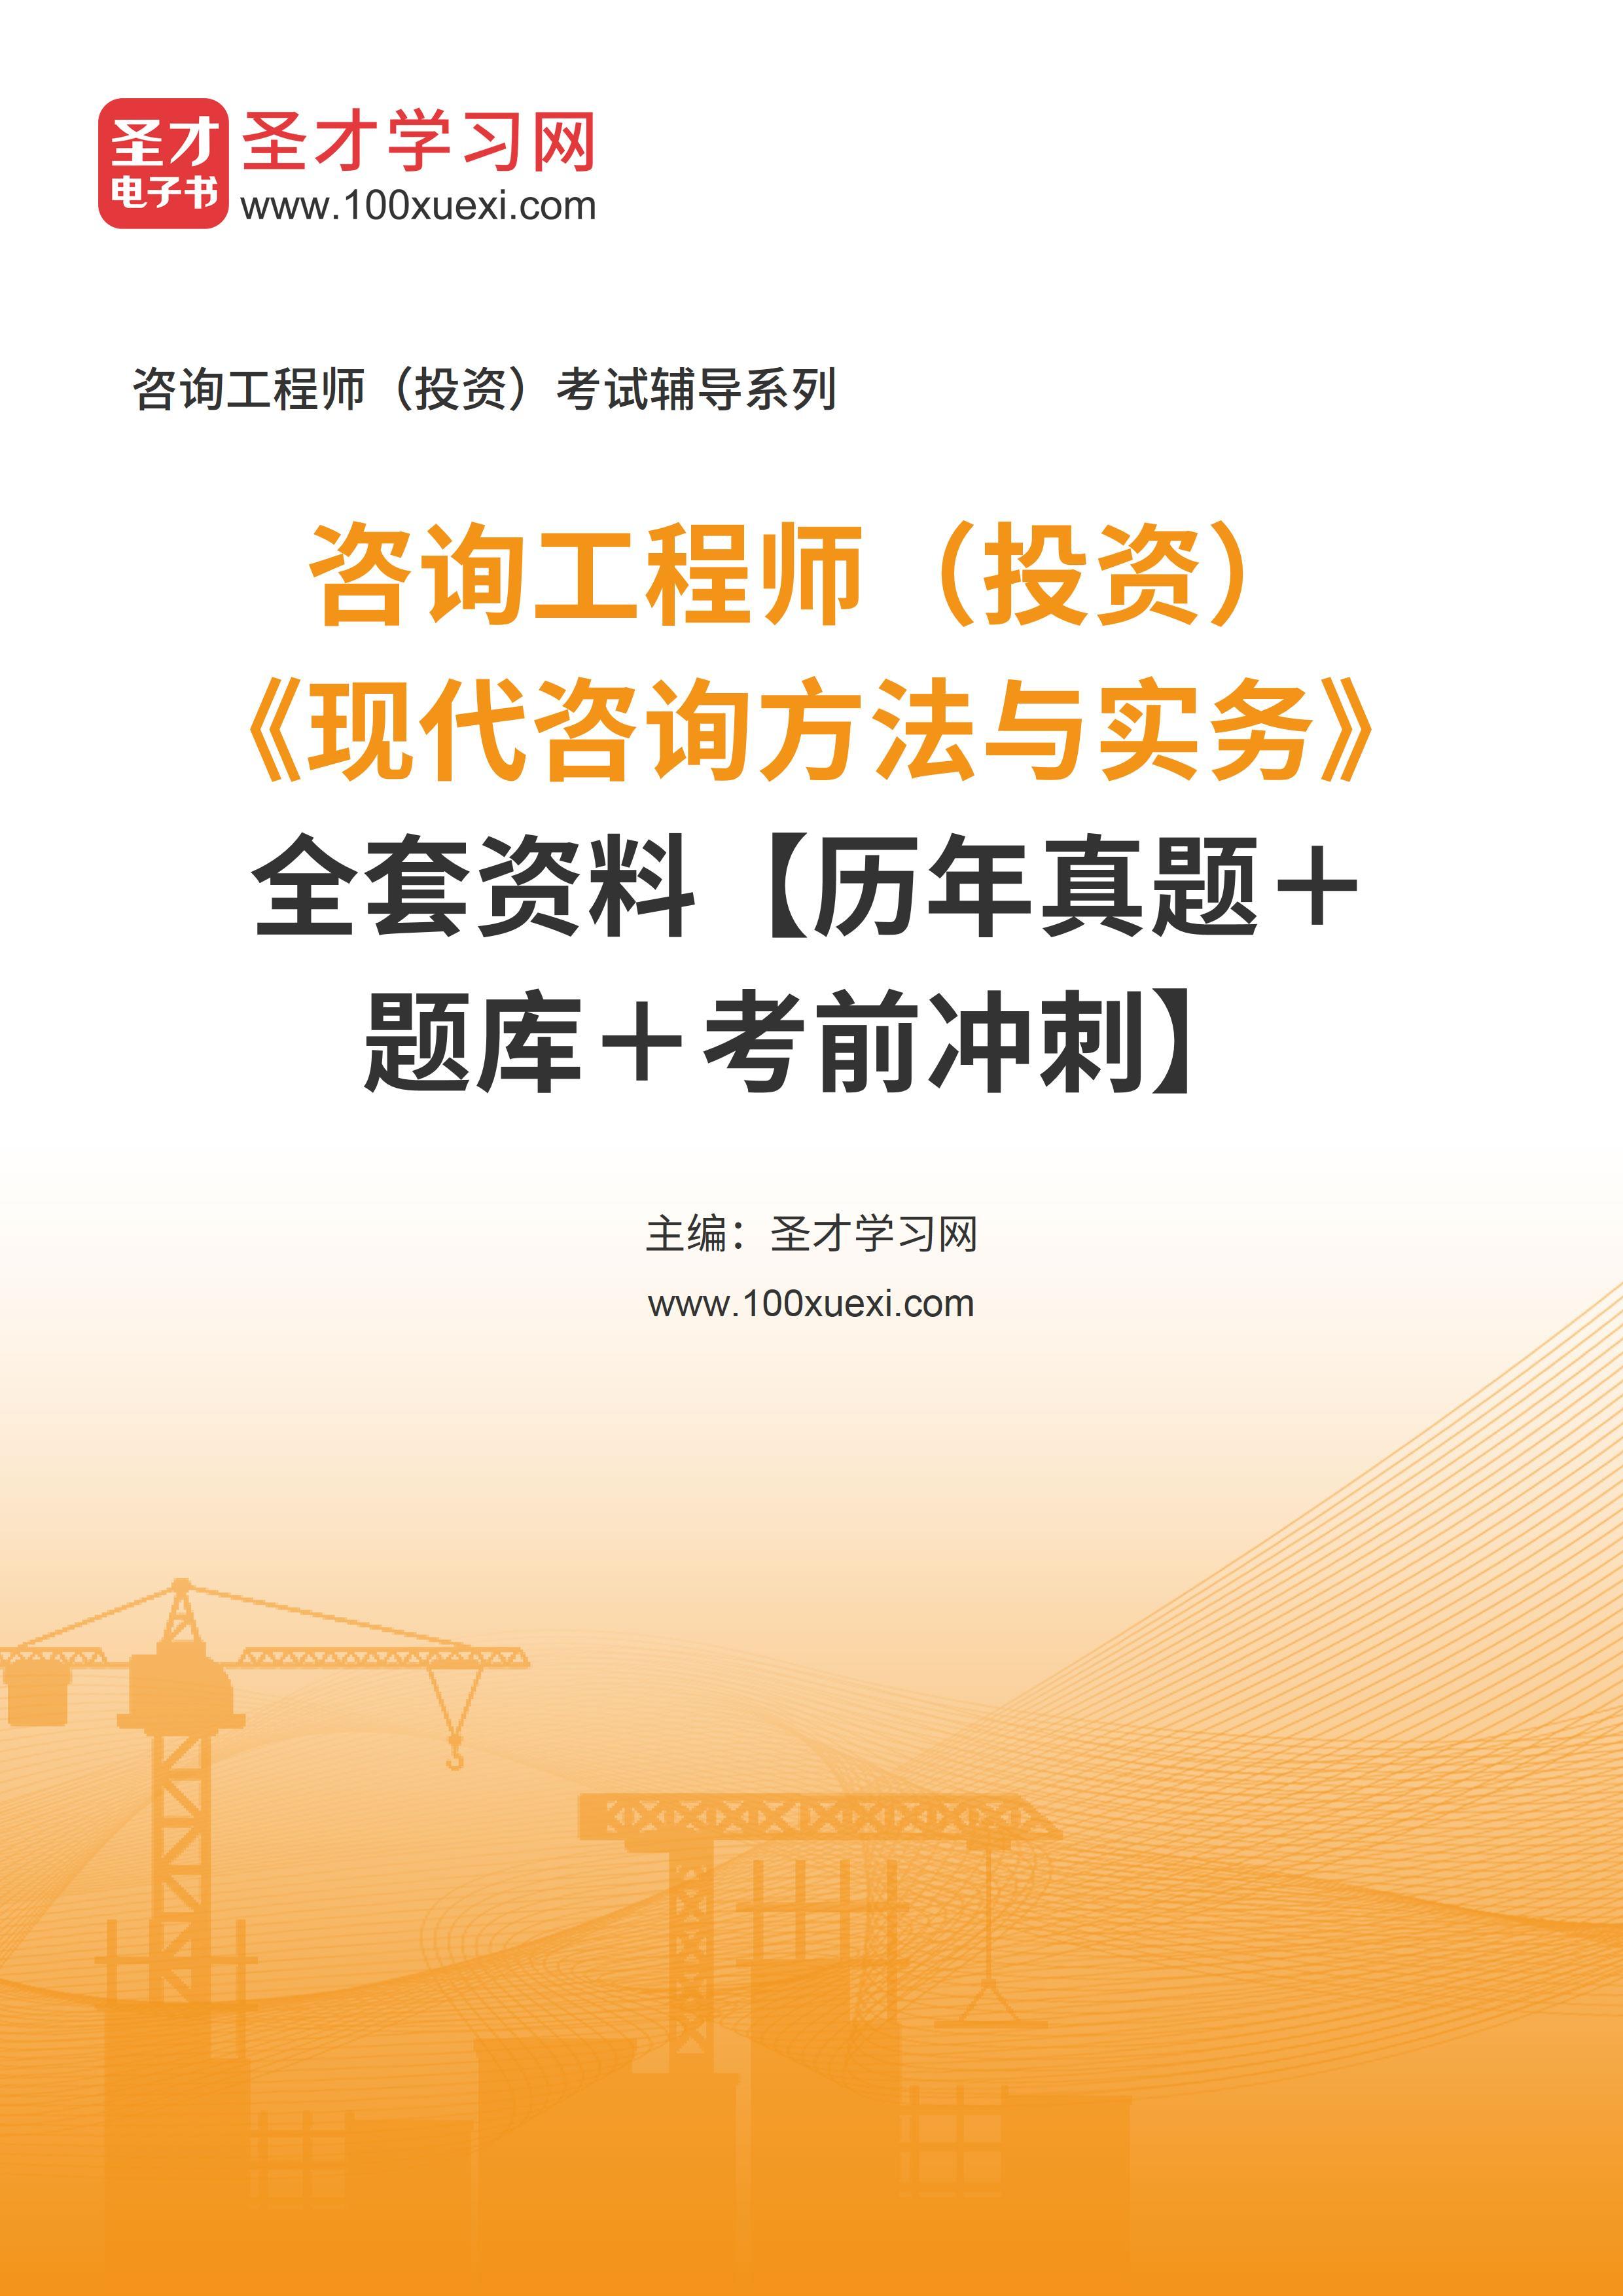 2022年咨询工程师(投资)《现代咨询方法与实务》全套资料【历年真题+题库+考前冲刺】